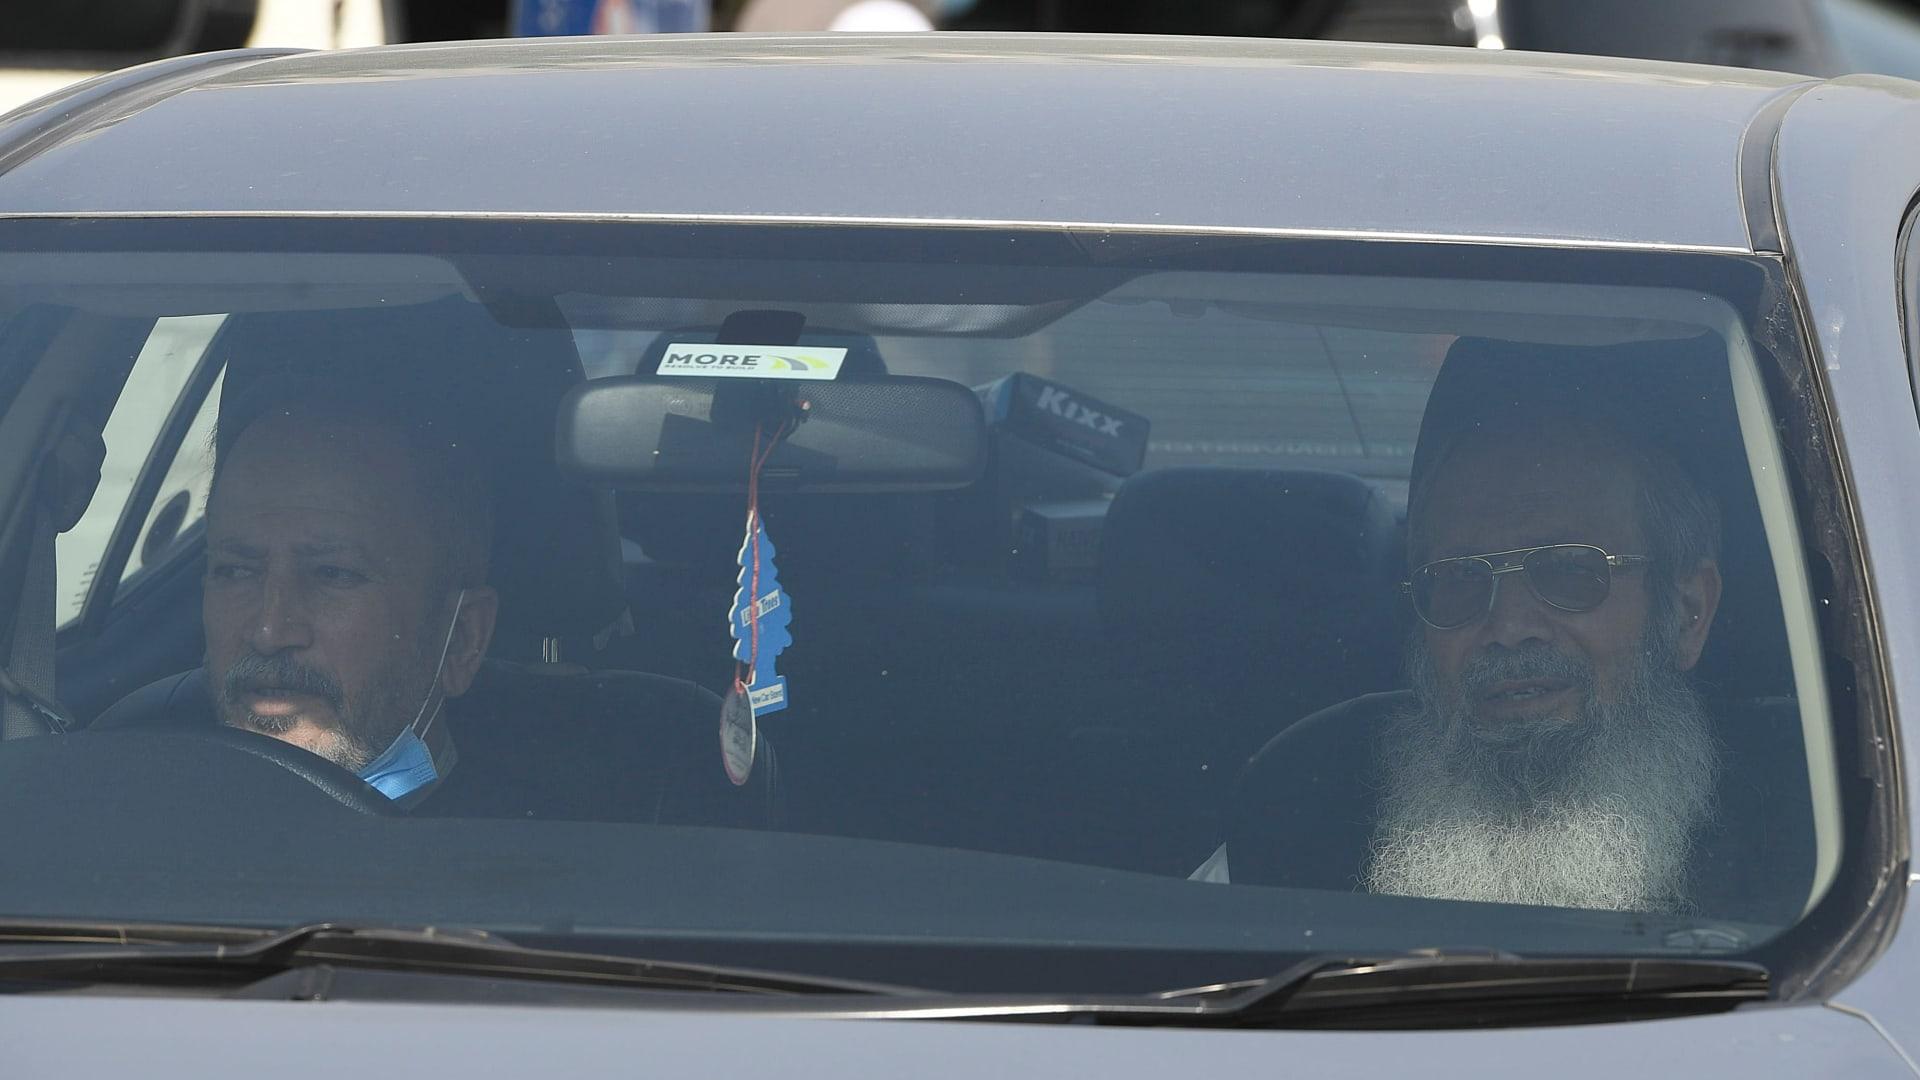 """البيت الأبيض يعرب عن """"غضبه"""" من إطلاق سراح مدانين بـ""""ذبح"""" صحفي أمريكي في باكستان"""